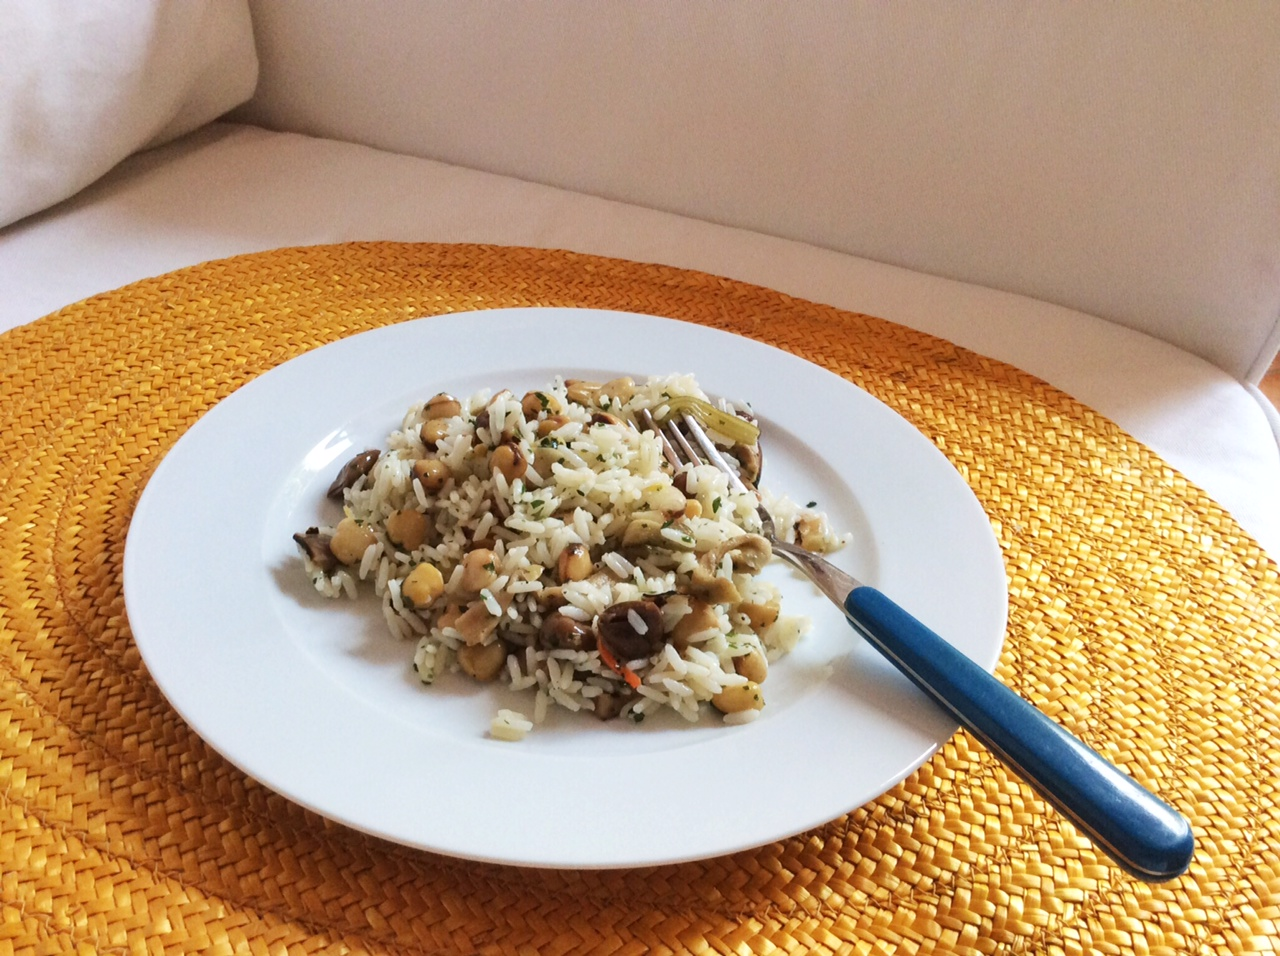 Nella foto si vede un piatto di insalata di riso su un divano